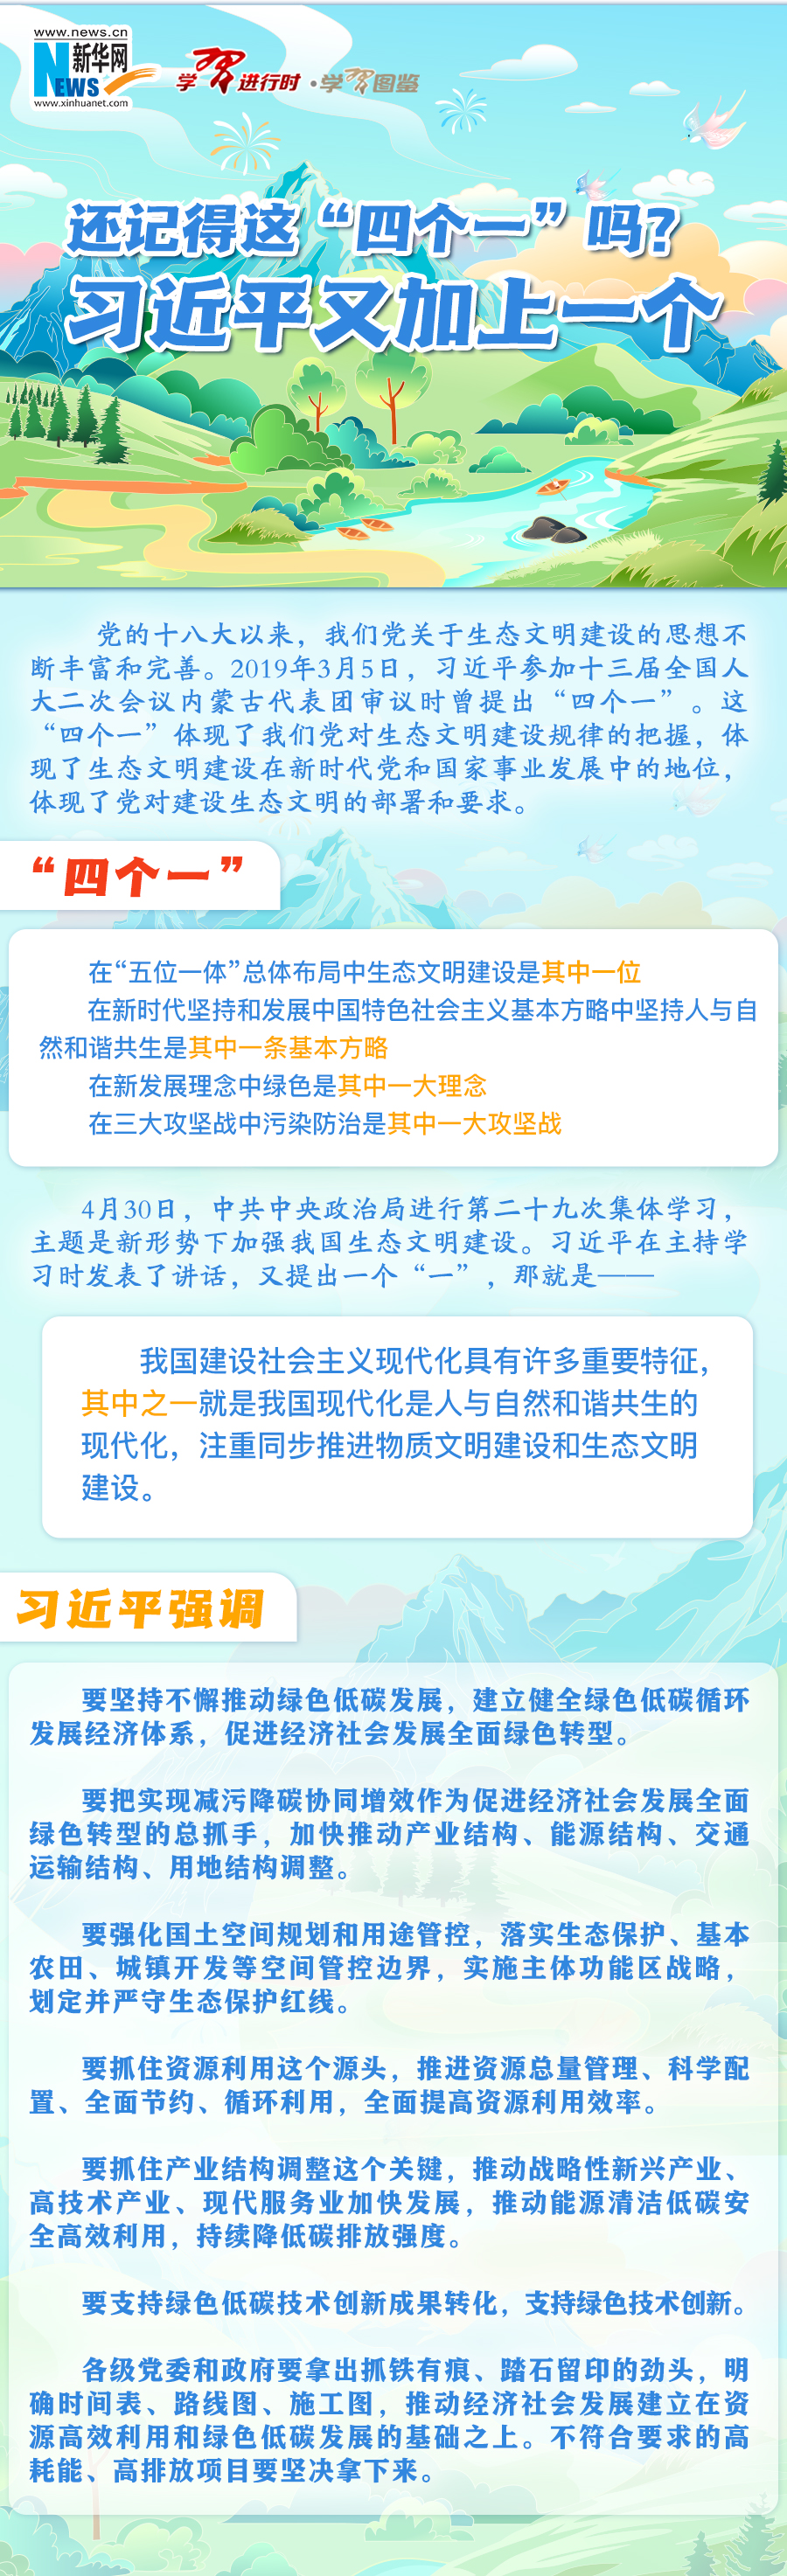 盗铃者论坛_孔夫子网上书店_卜卦网站